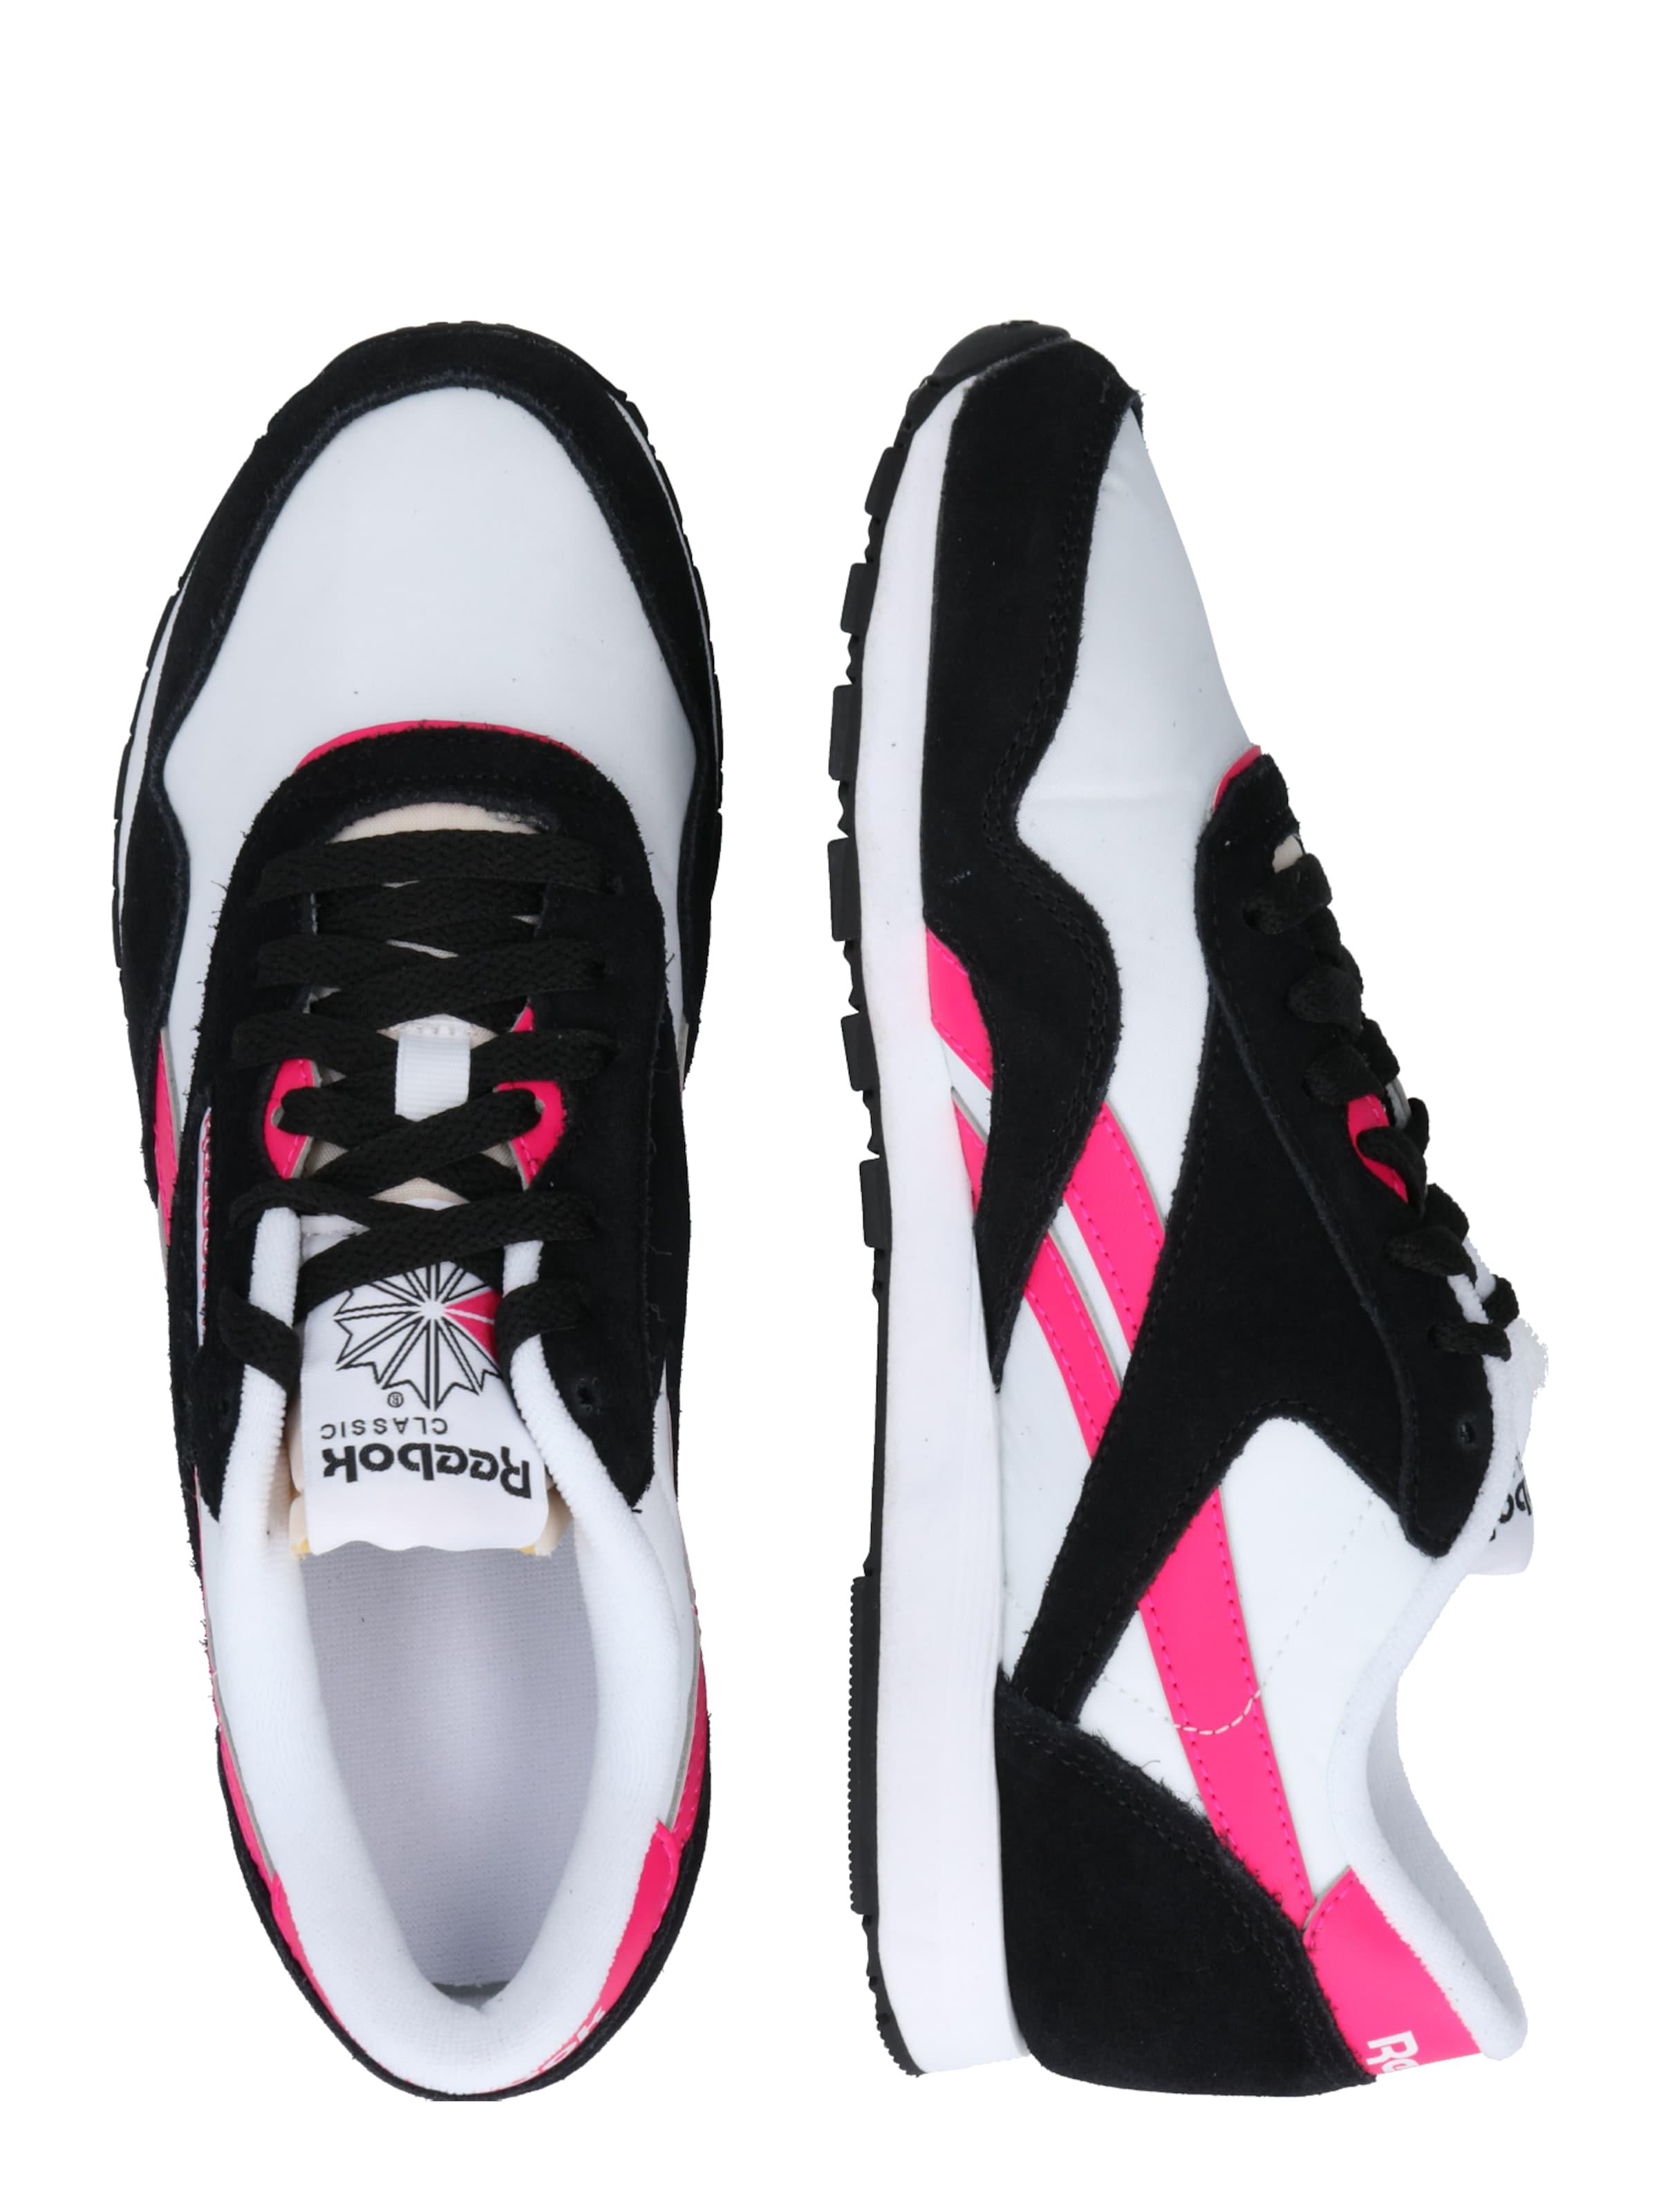 Reebok Classic Rövid szárú edzőcipők neon-rózsaszín / fekete / piszkosfehér színben